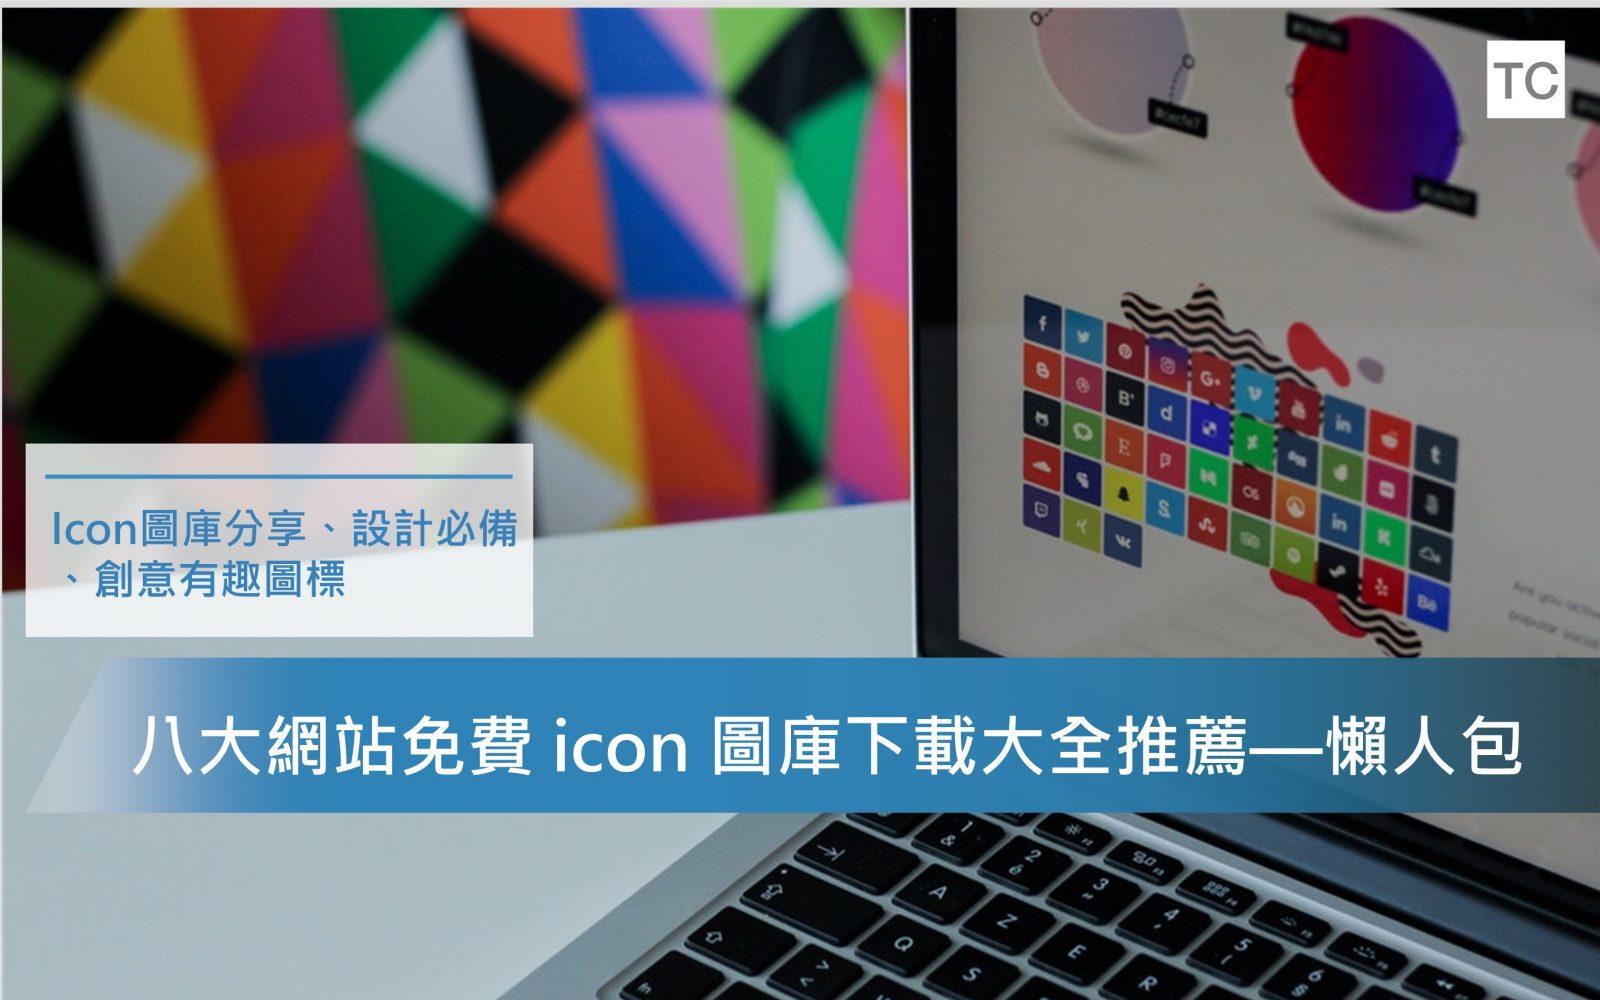 【PPT素材】八大網站免費 icon 圖庫下載大全推薦